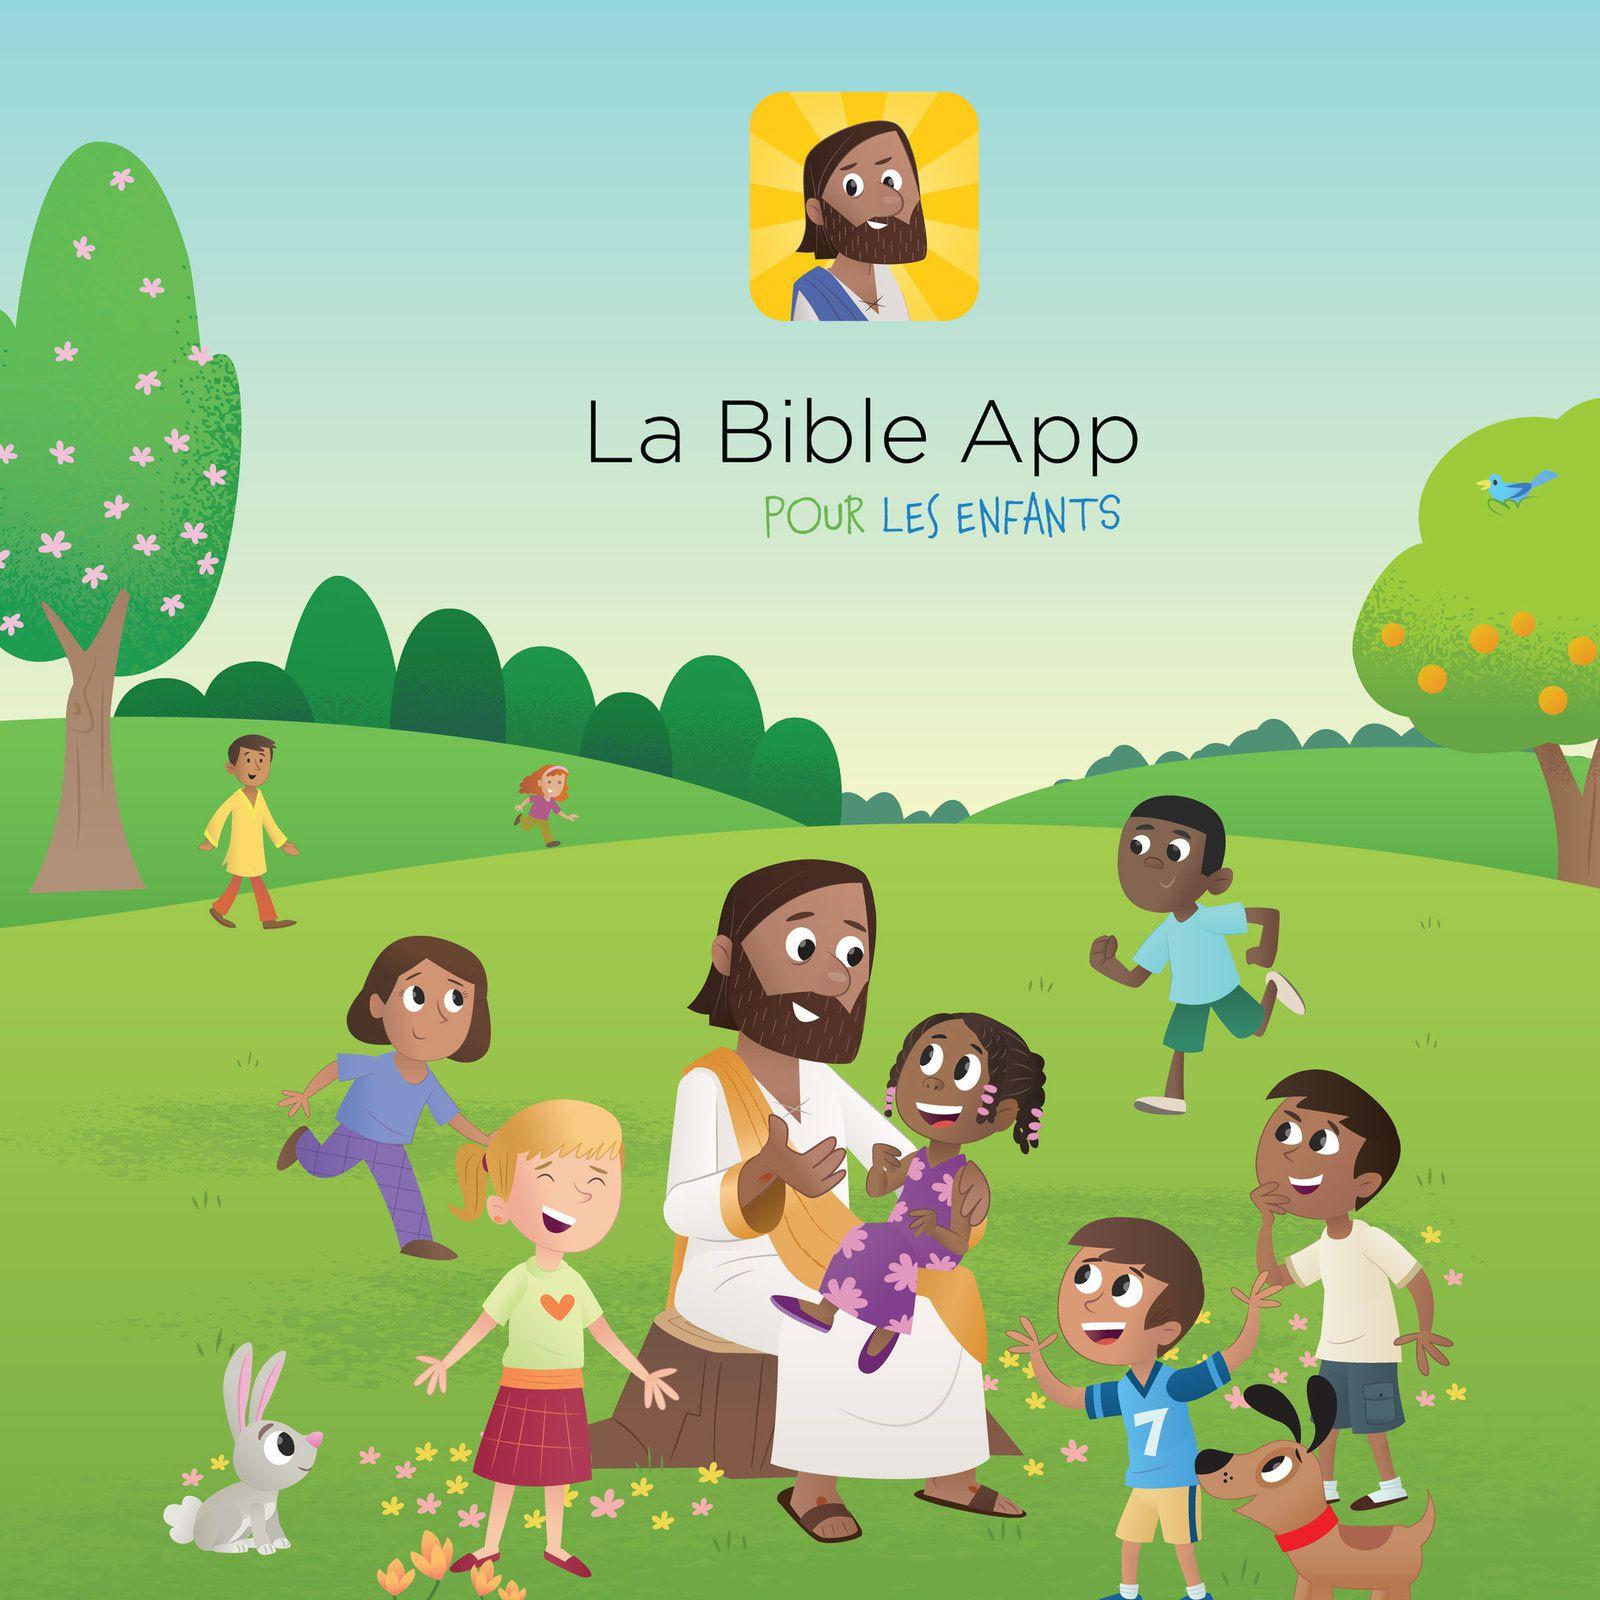 Multimédia : Une application d'une Bible pour enfants téléchargée 10 millions de fois